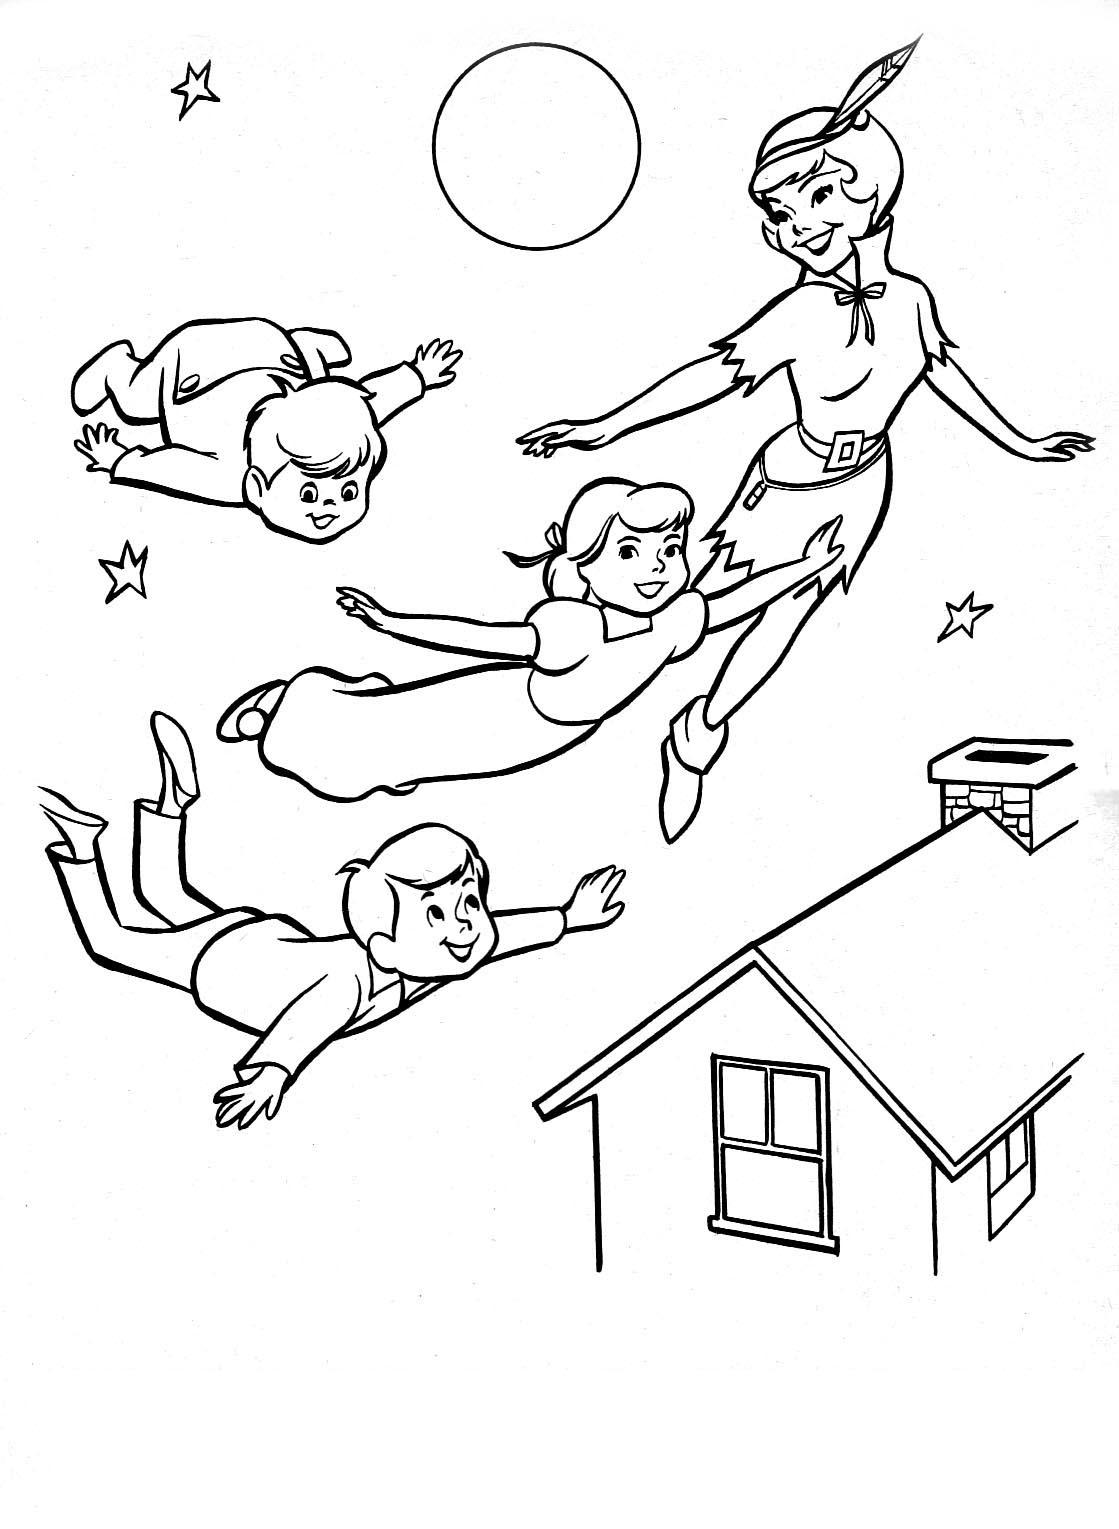 20 dessins de coloriage peter pan en ligne imprimer - Peter pan dessin anime gratuit ...